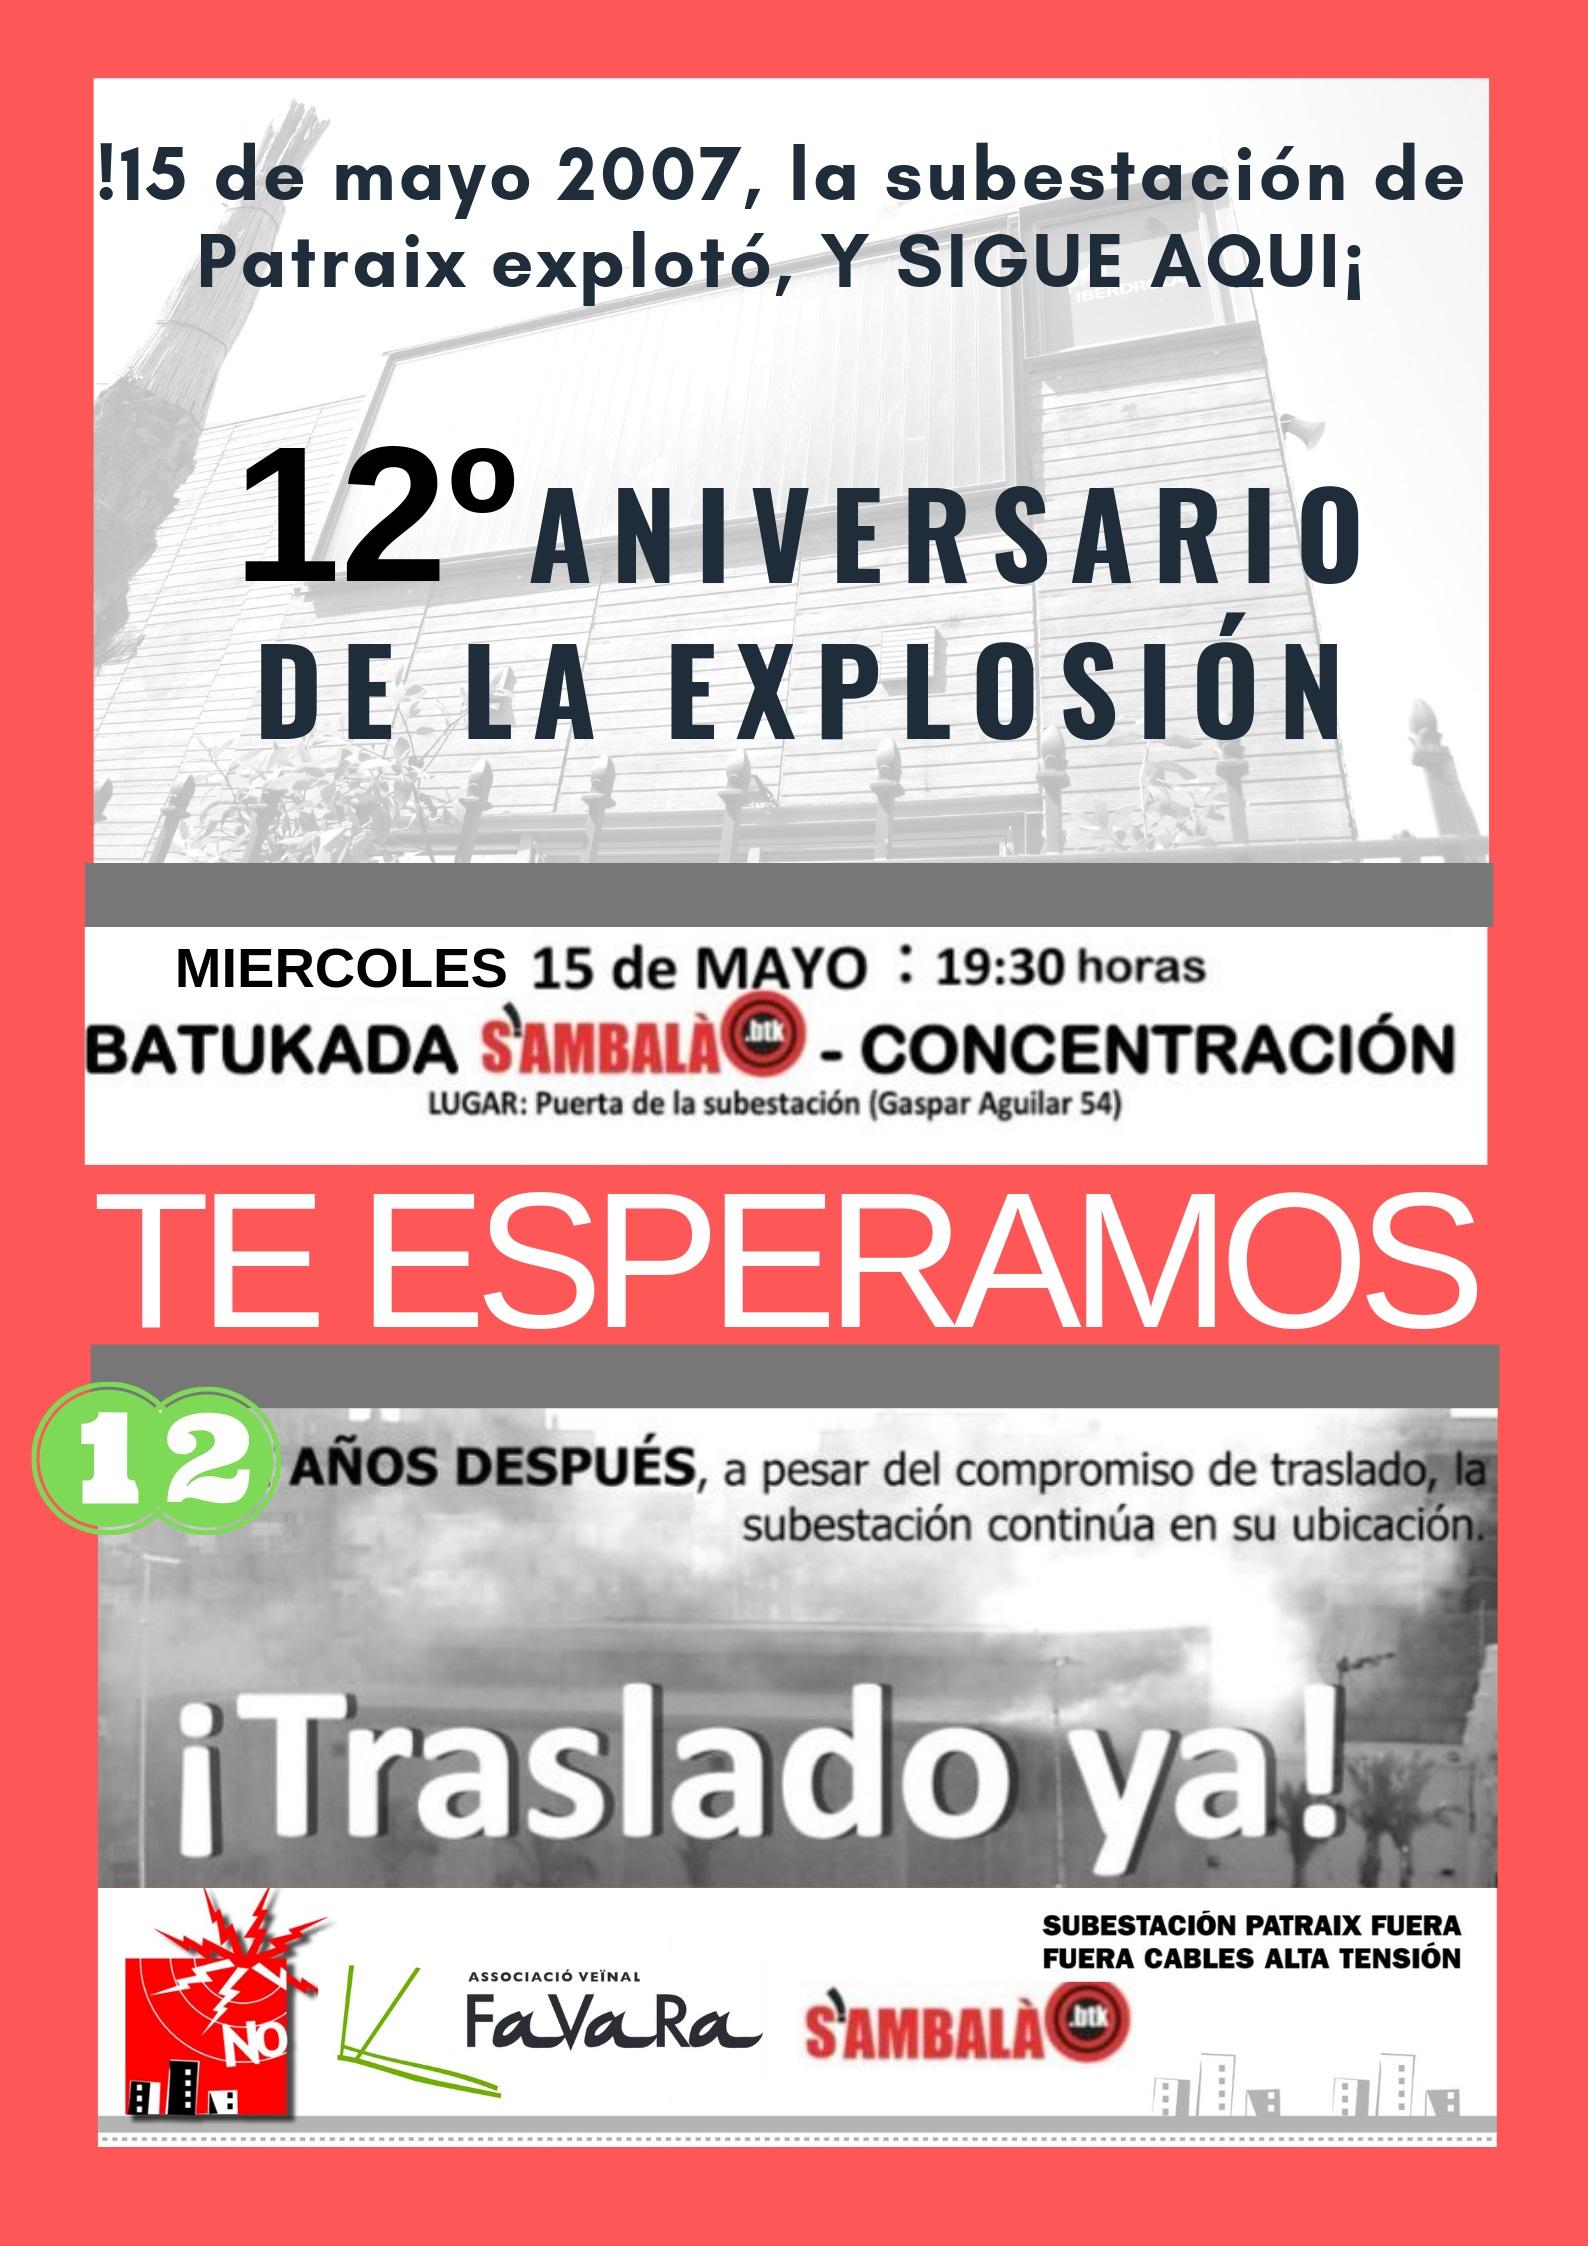 12 aniversario de la explosión de la subestación de Iberdrola en Patraix. Miércoles 13 de mayo a las 19:30 horas con batucada. Se exige su traslado inmediato.